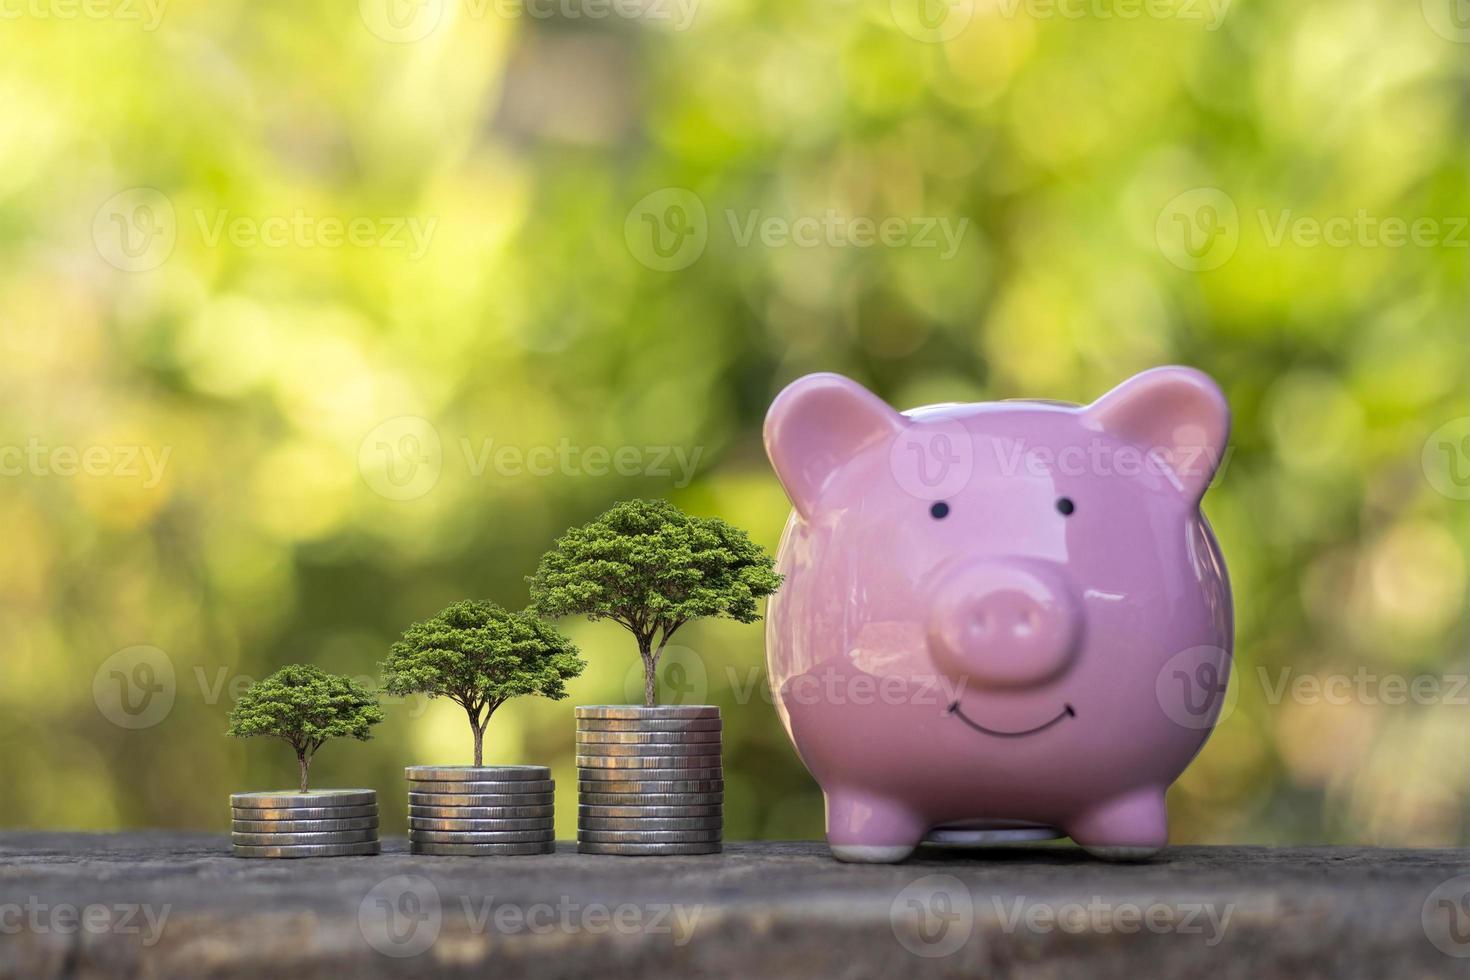 la adición de monedas y plantas crece en monedas apiladas, ideas de ganancias de inversión y dividendos de ahorro. foto